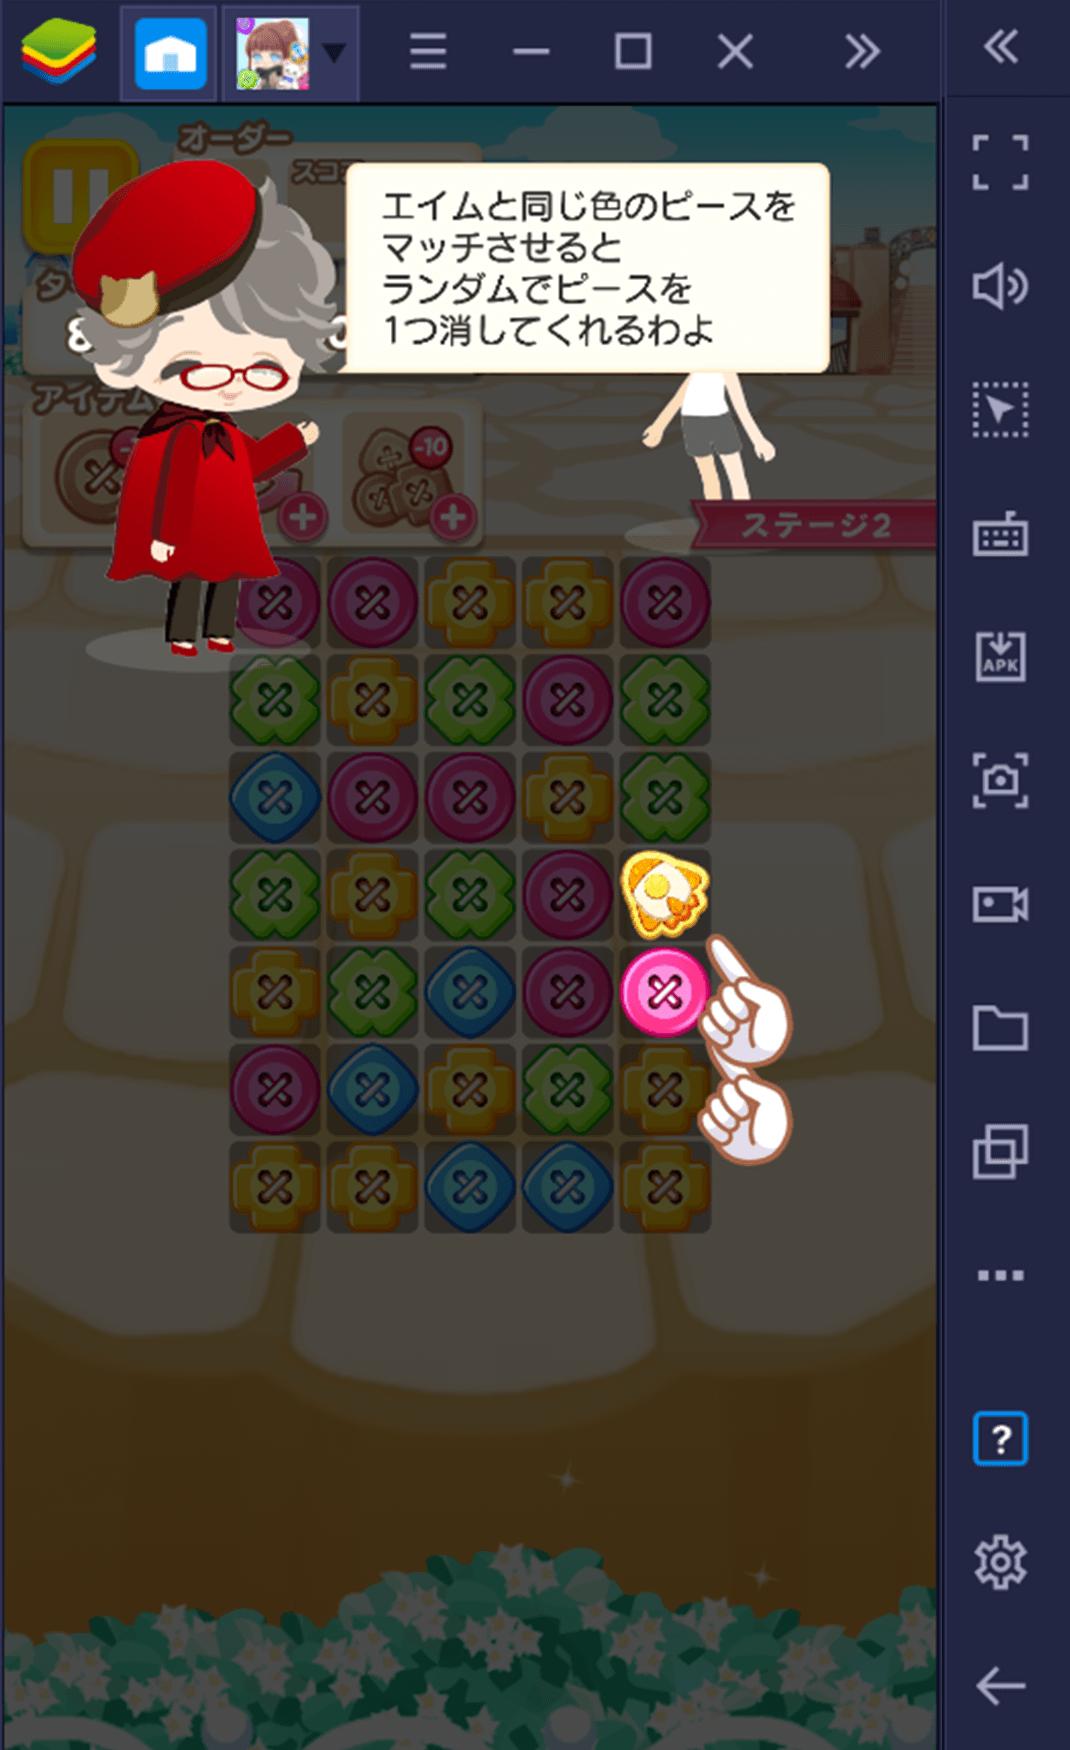 BlueStacksを使ってPCで『パズル&テーラーズ』を遊ぼう